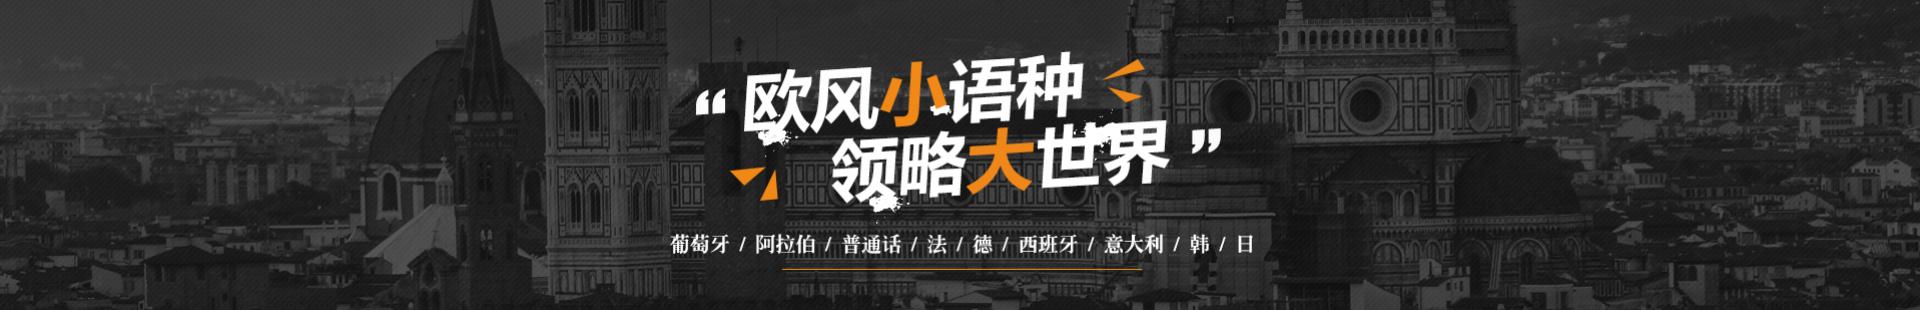 广州欧风培训中心